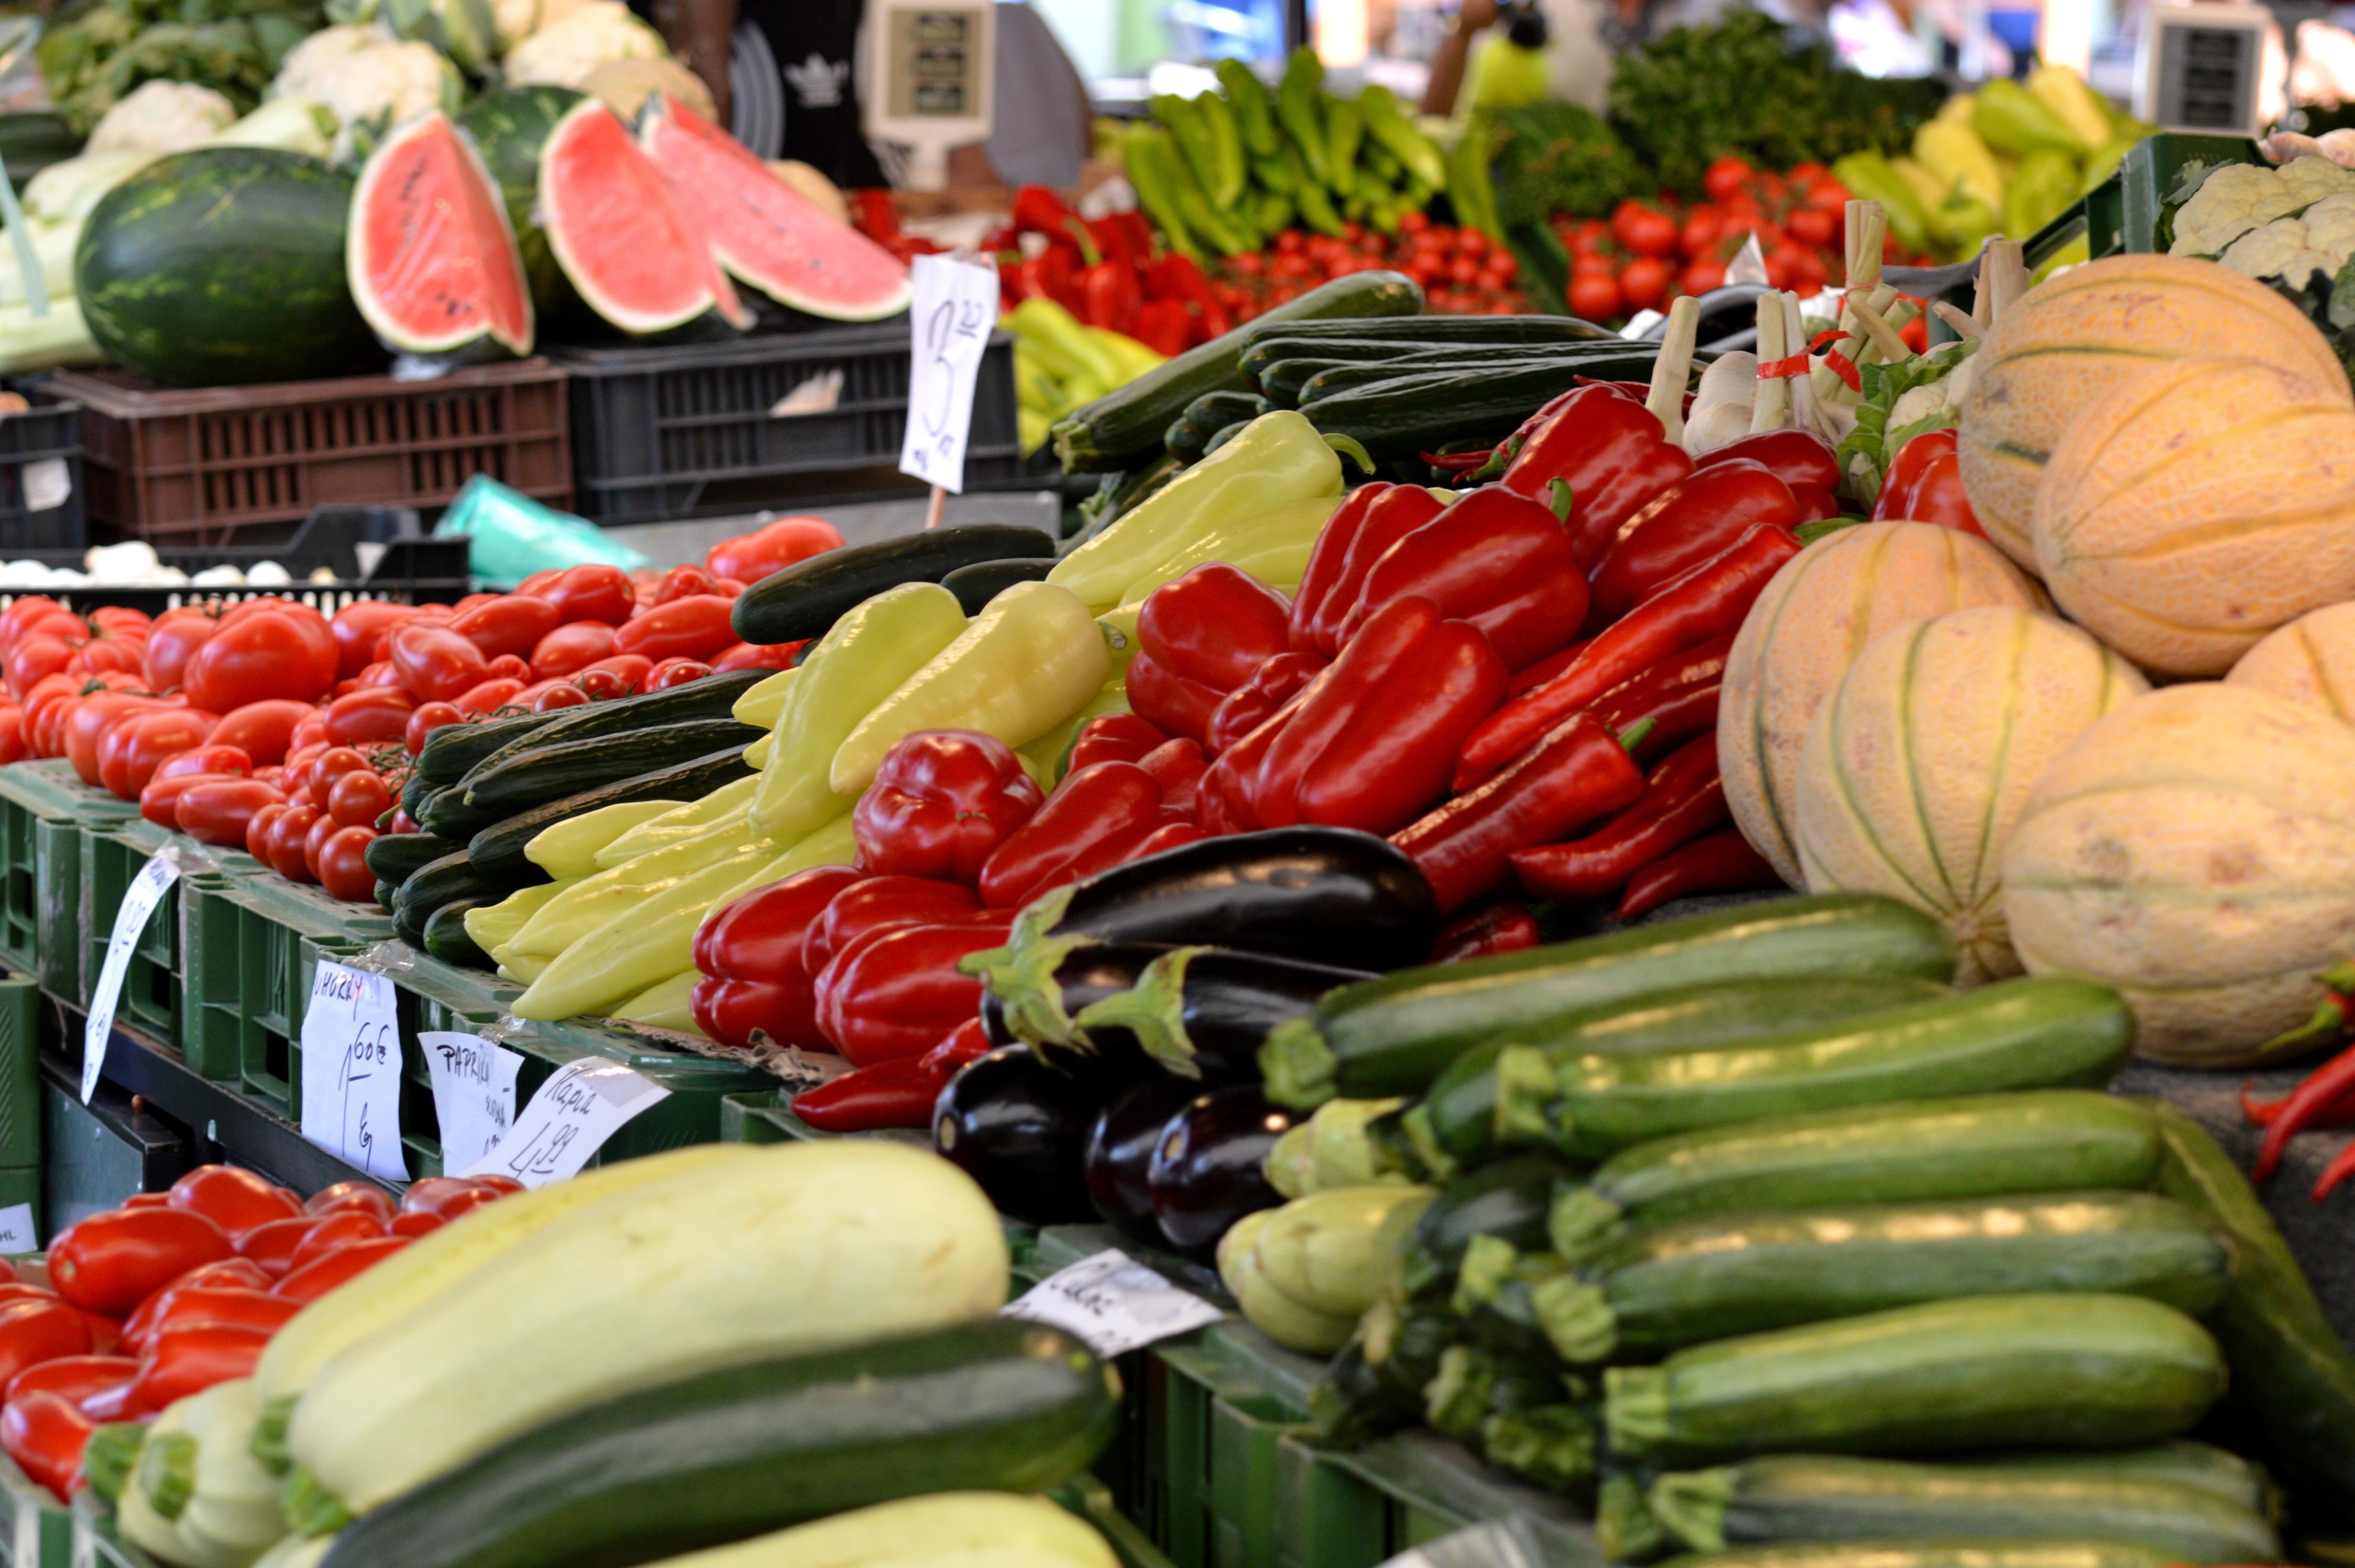 Wochenmarkt in der Kandinskyallee